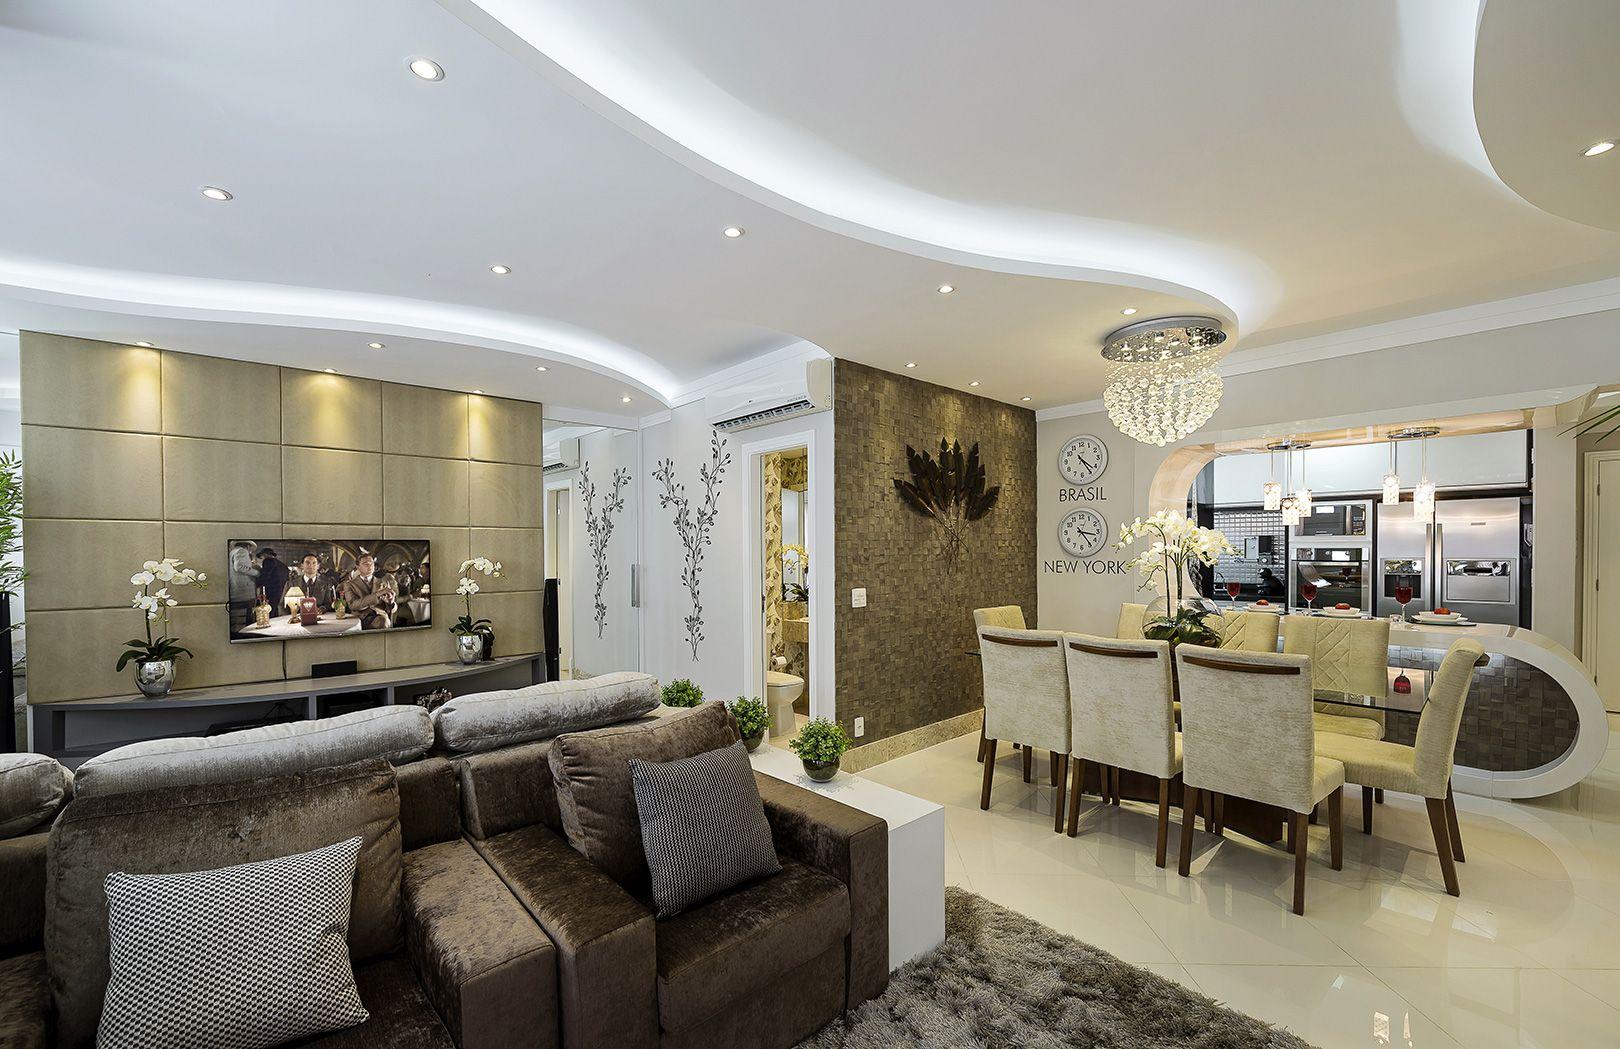 Decoradora iara k laris site da designer de interiores e - Decoradora de interiores ...